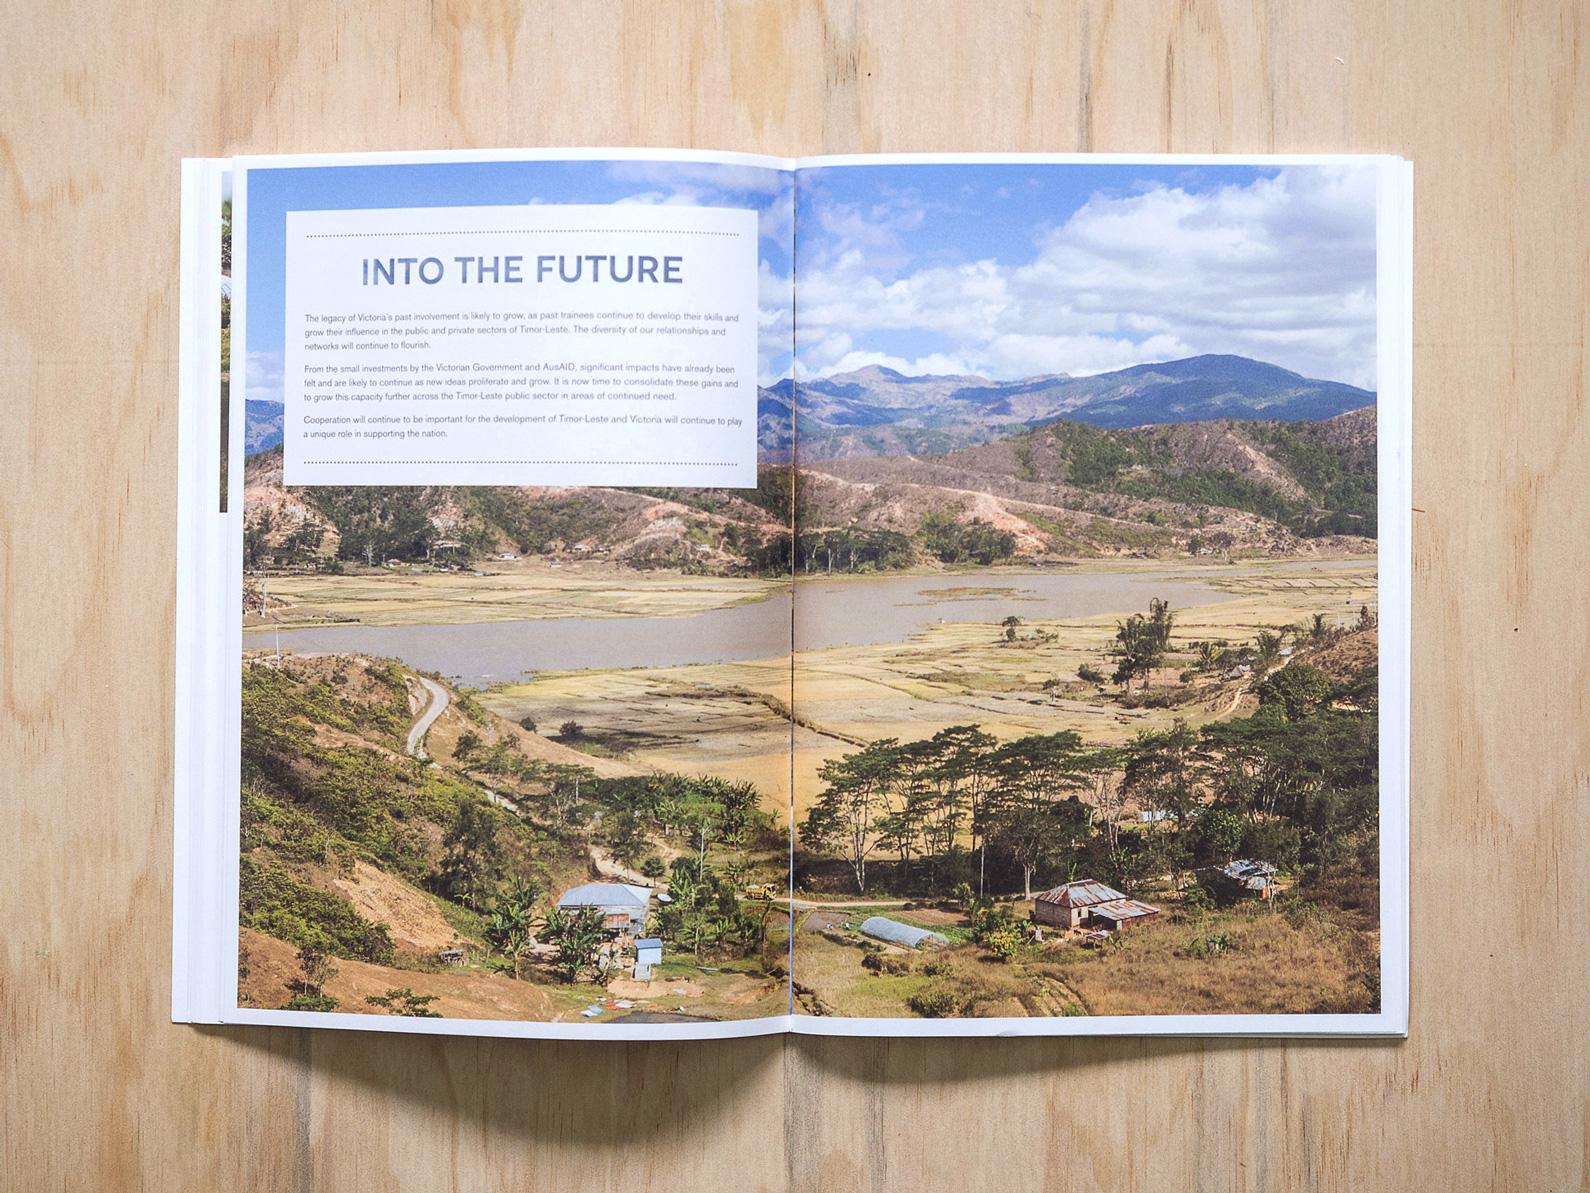 Studio-Mimi-Moon-Publication-Design-Miriam-McWilliam-10